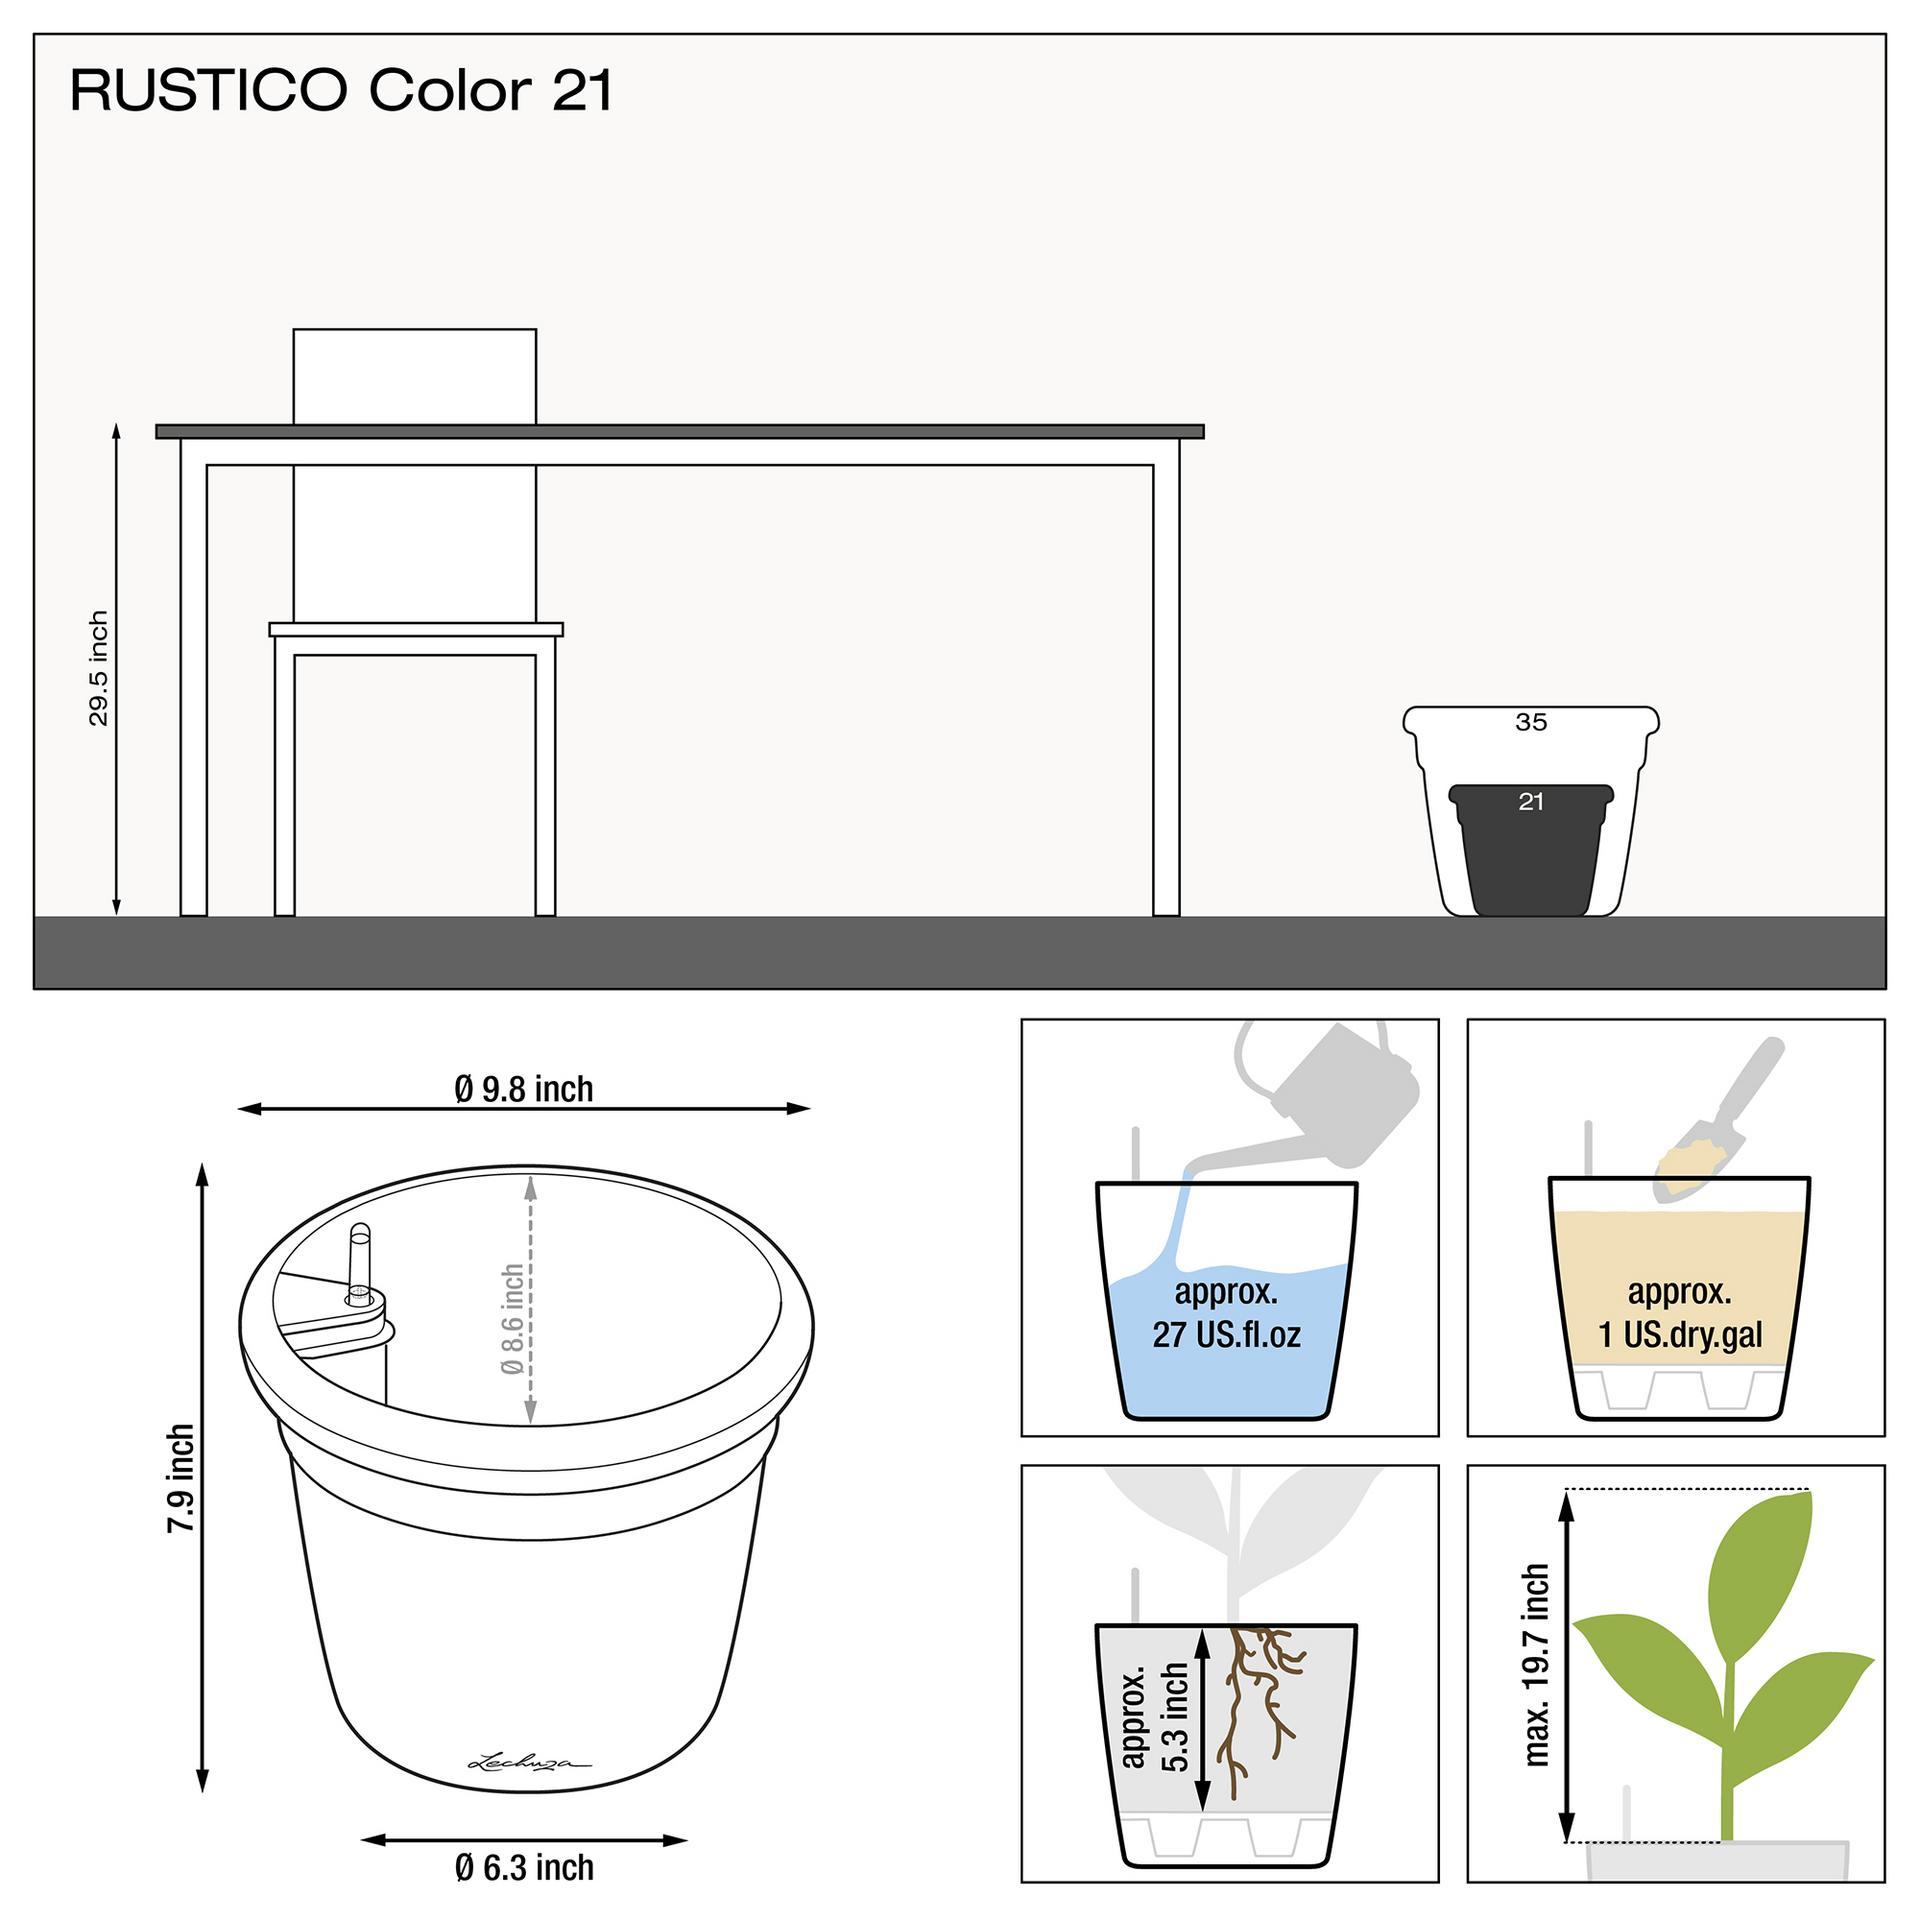 le_rustico-color21_product_addi_nz_us